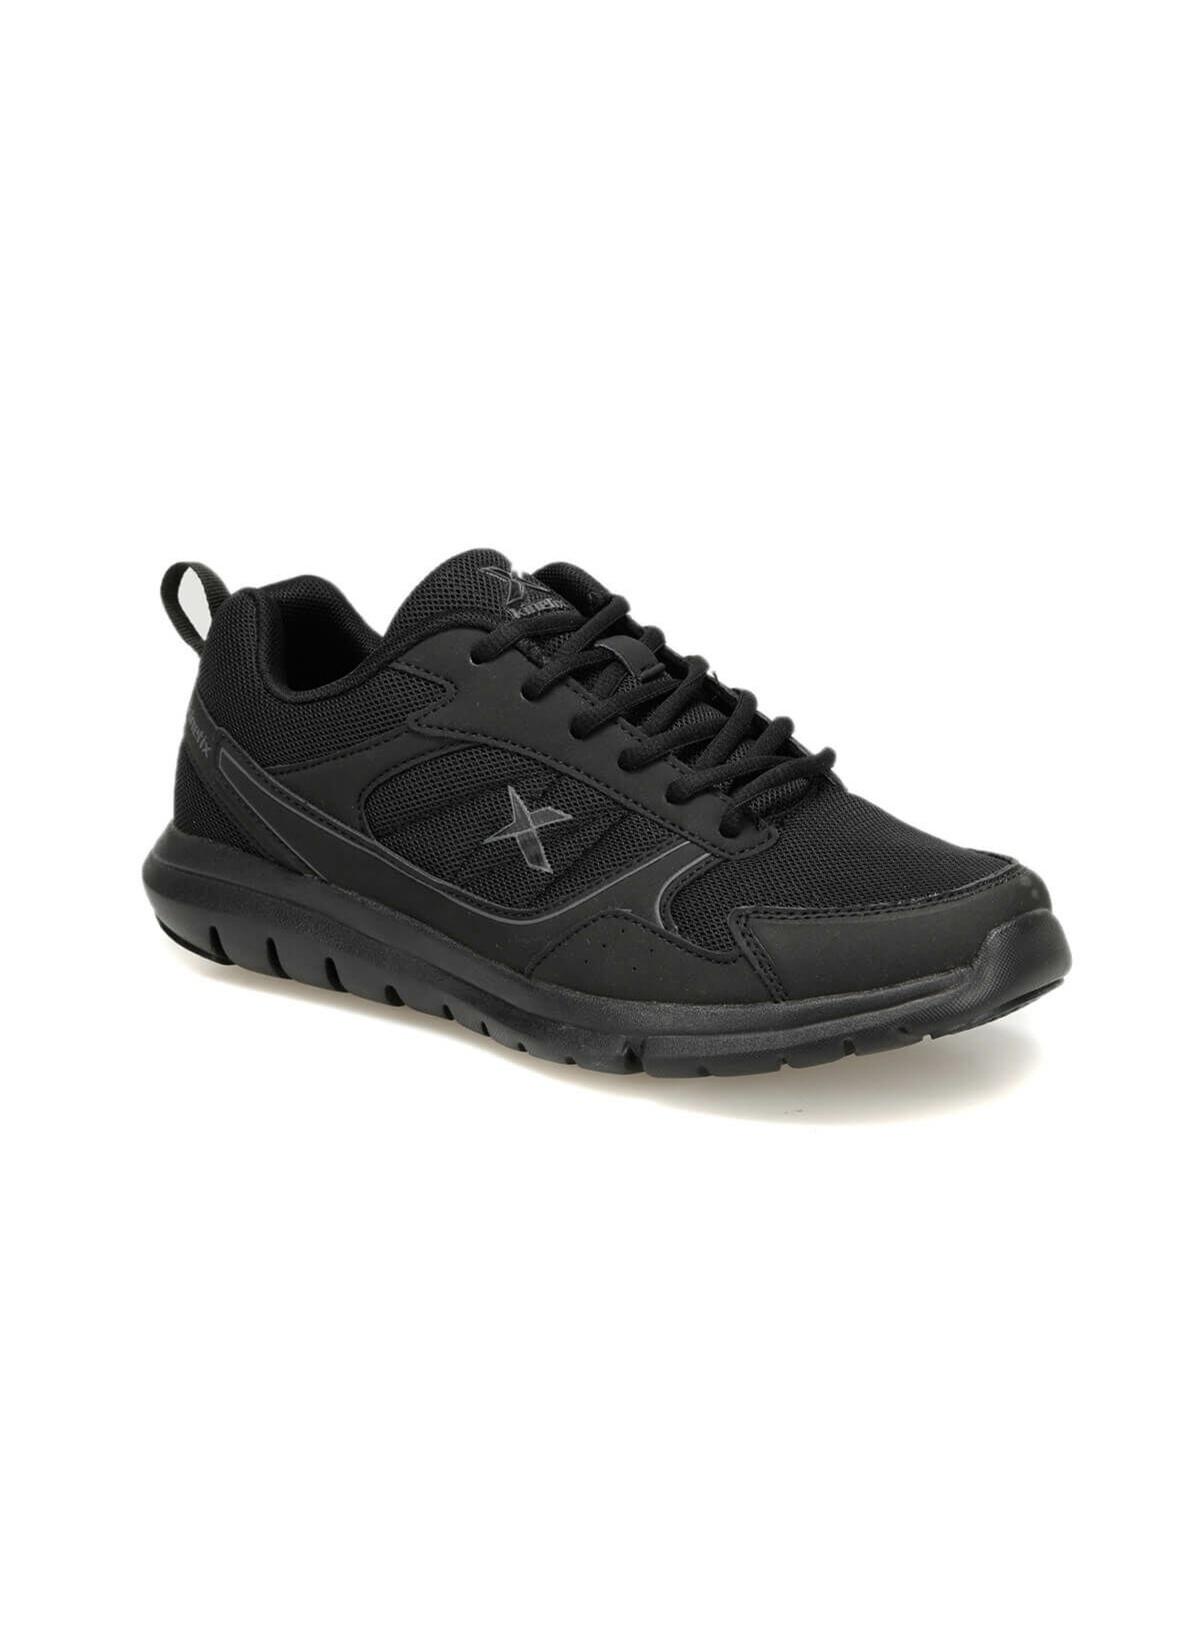 Kinetix Sneakers 000000100276635001 Comfort Ayakkabı – 125.99 TL